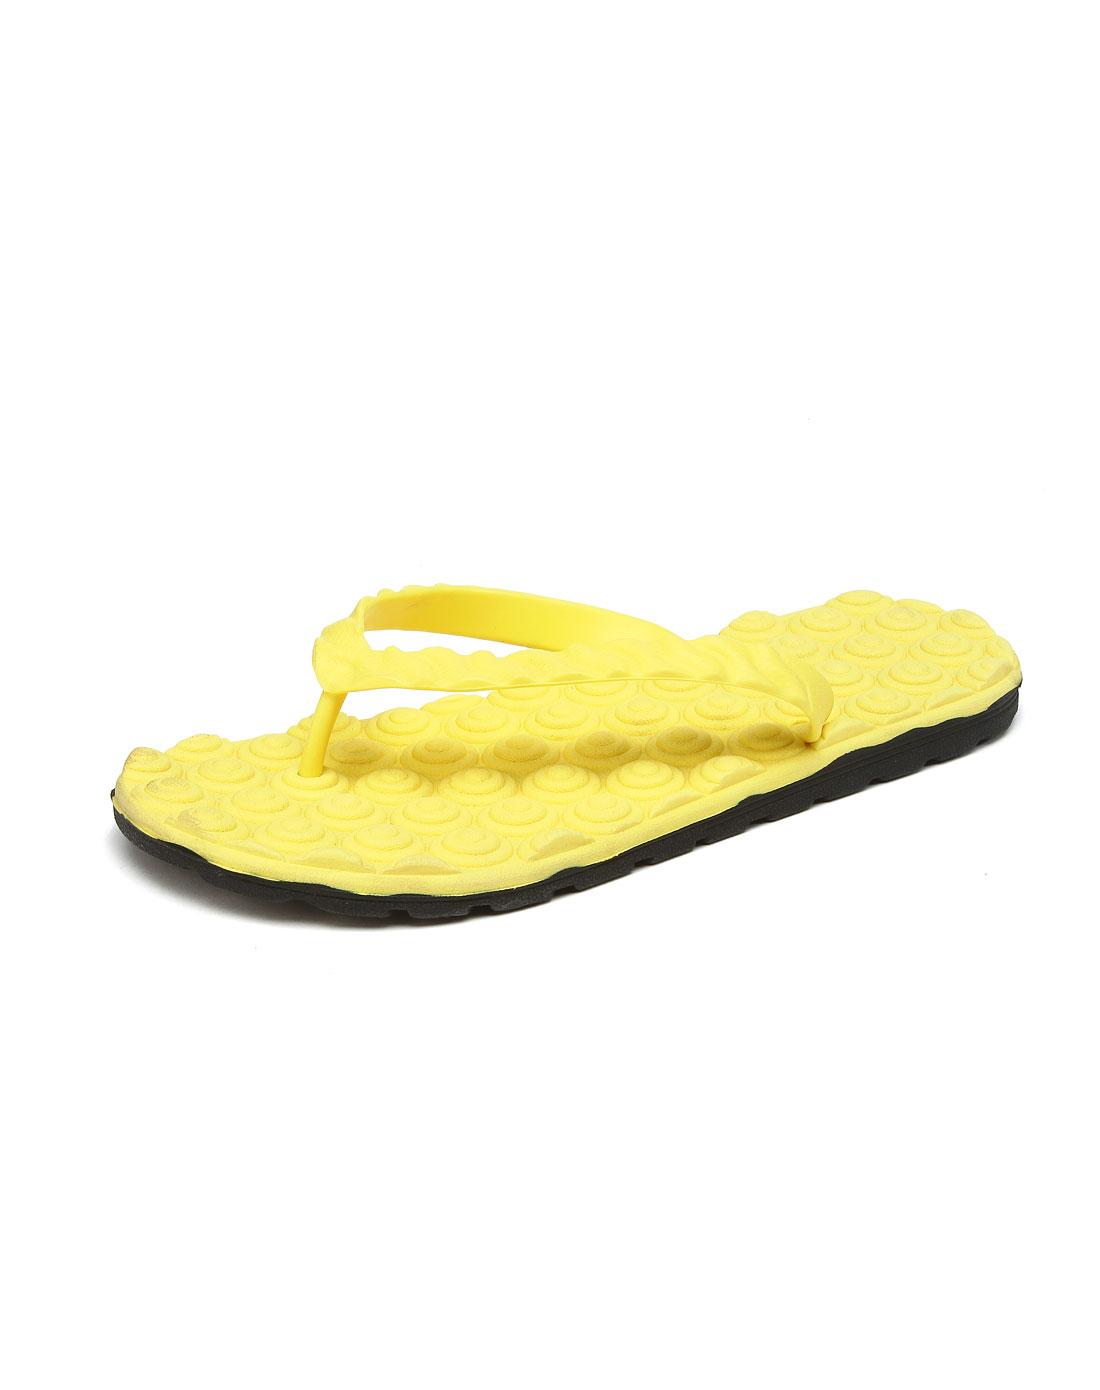 爱居兔eichitoo黄色休闲拖鞋axzj2c022036